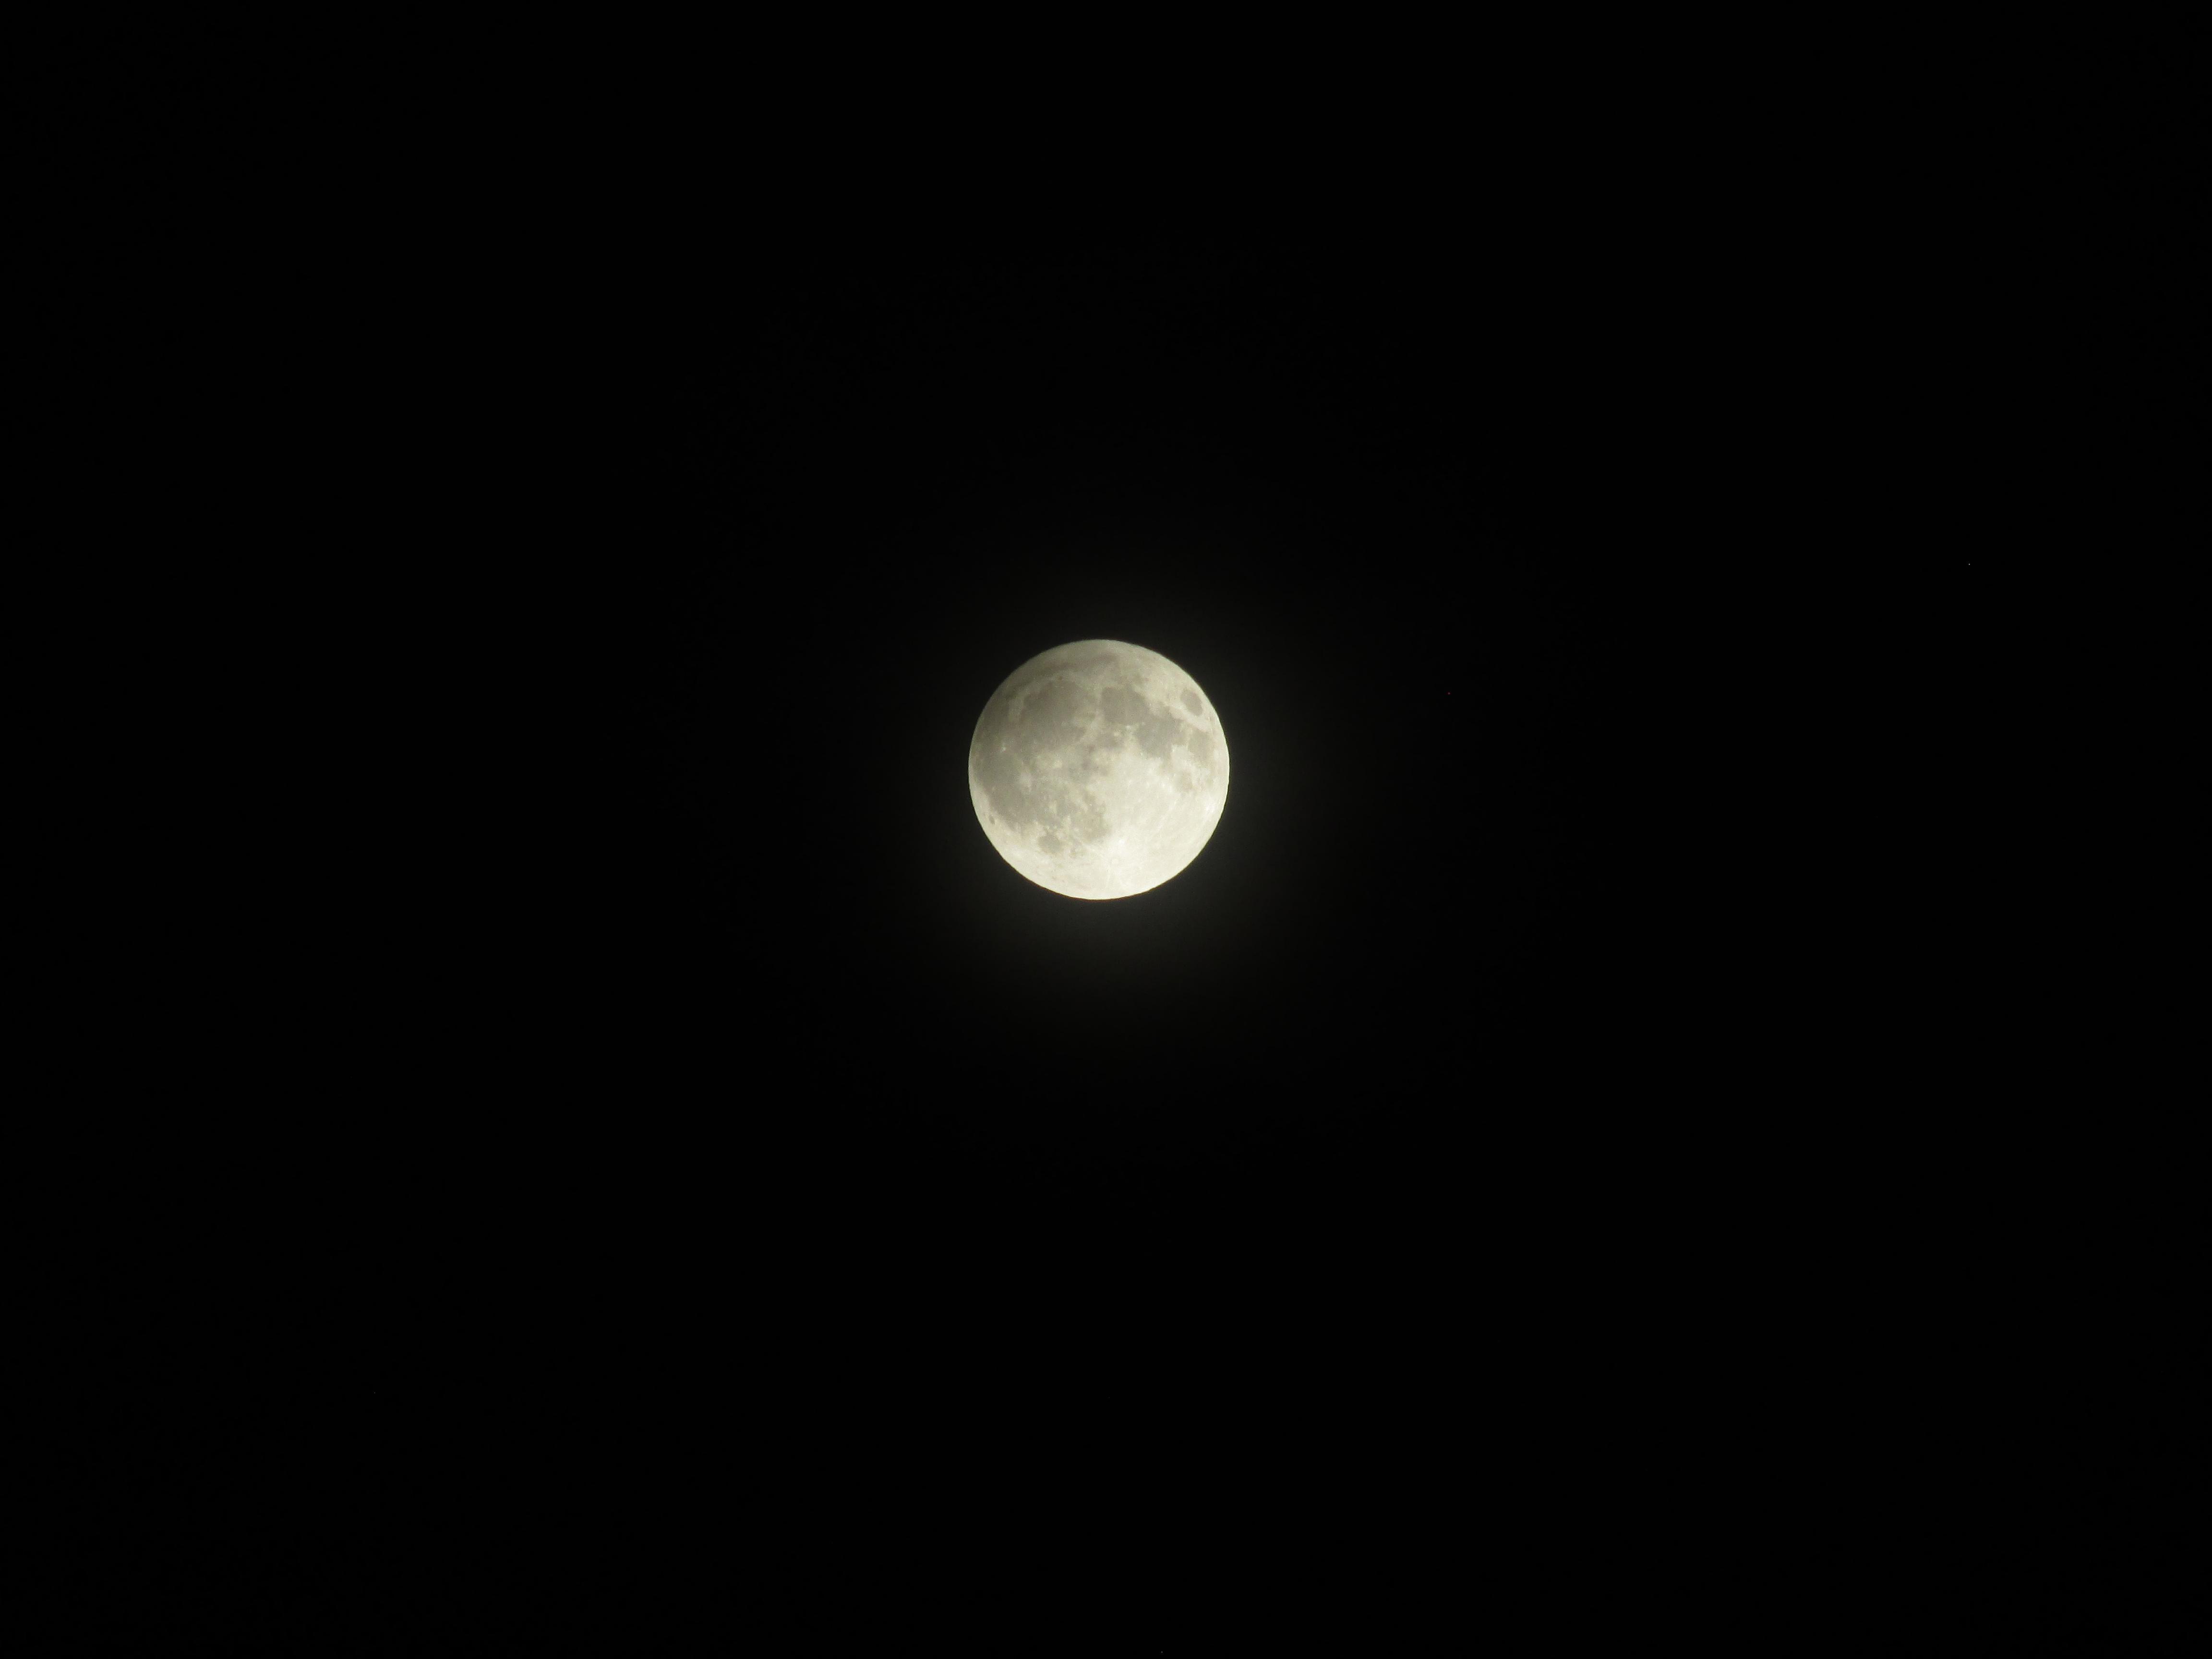 Месечината, околу половина час по почетокот на затемнувањето. Опрема: Canon PowerShot SX 160 IS, експозиција: 1/80 sec, f/5.9, ISO 100. Заслуги: Марина Димовска